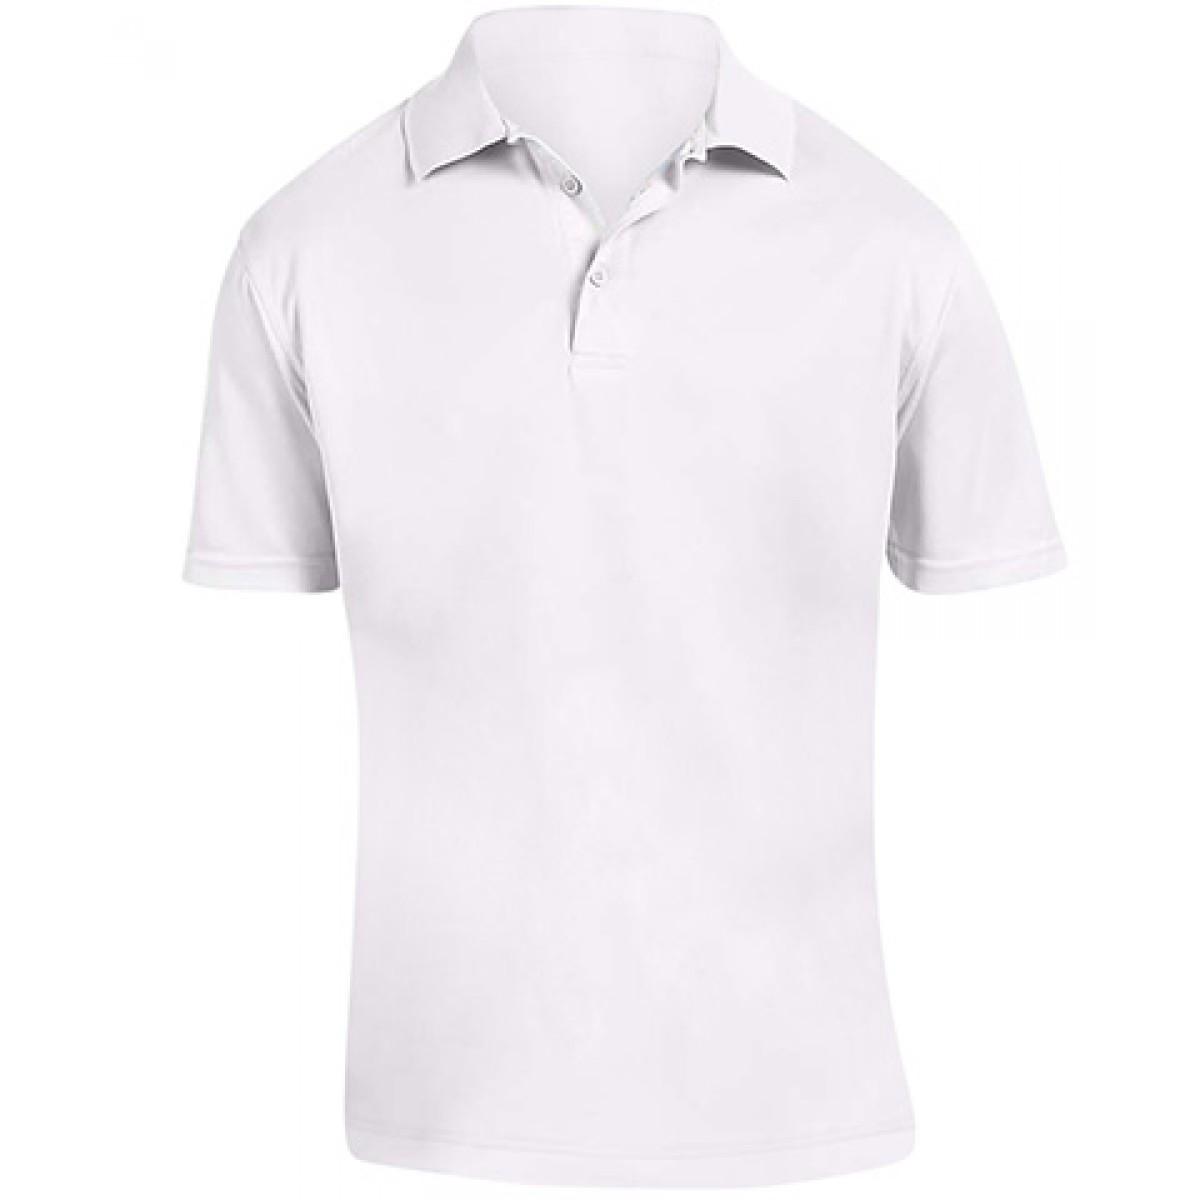 Men's 4 oz. Polytech Polo-White-L